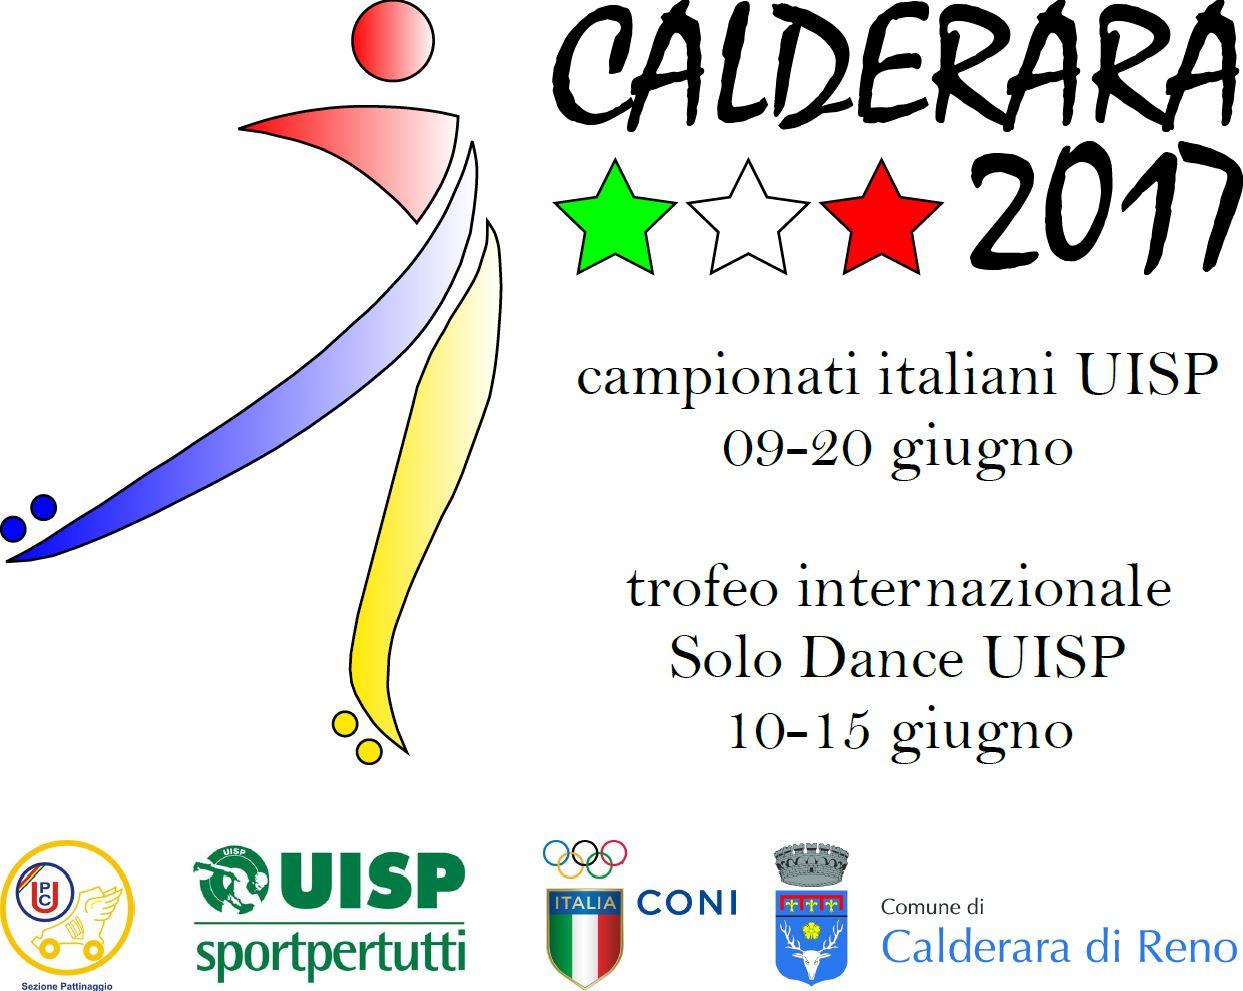 Uisp Pattinaggio Artistico Calendario Gare.Campionati Italiani Uisp 2017